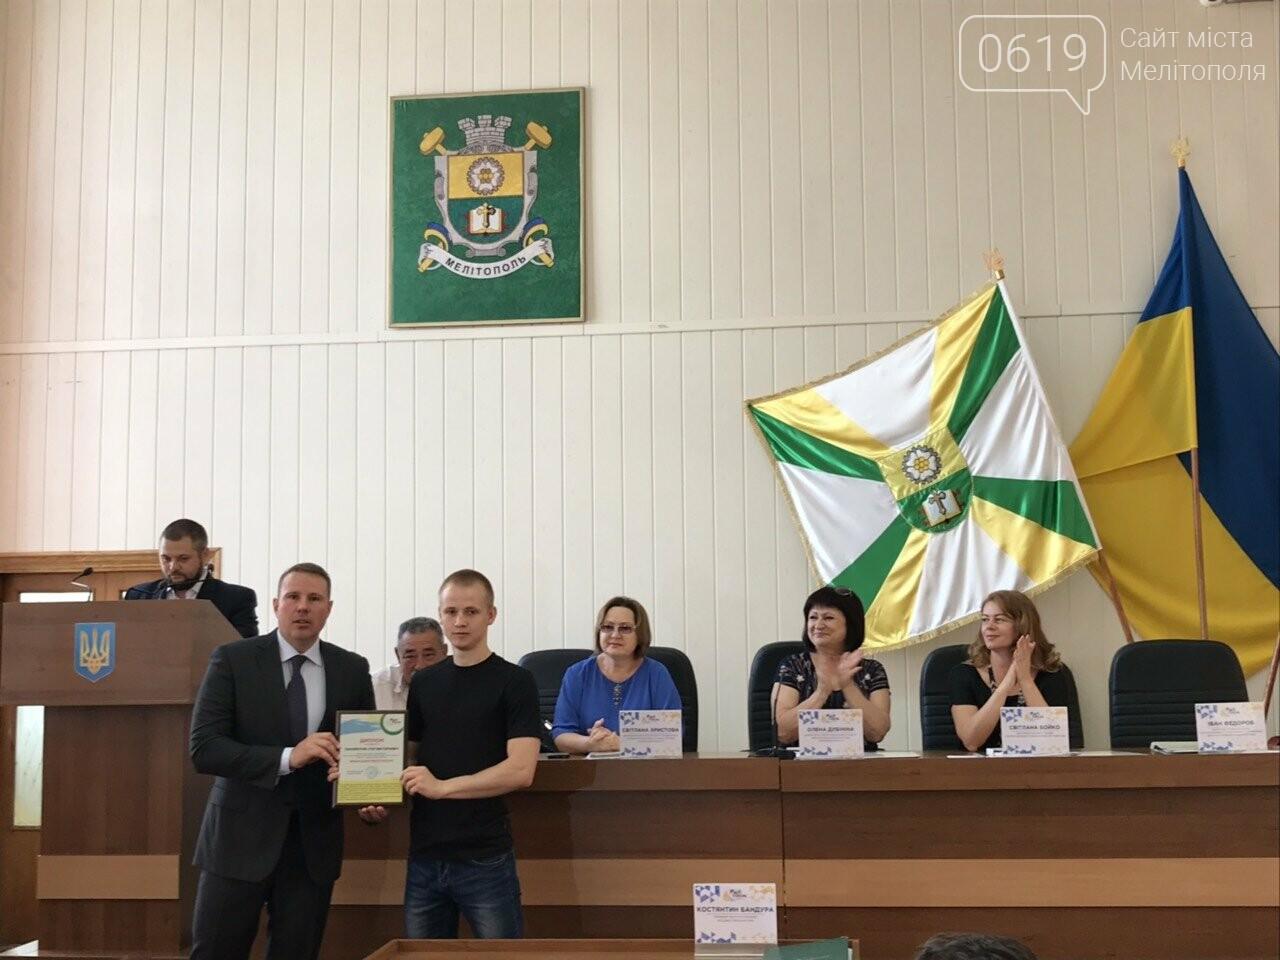 Мелитопольским спортсменам присвоили звание амбассадоров, фото-1